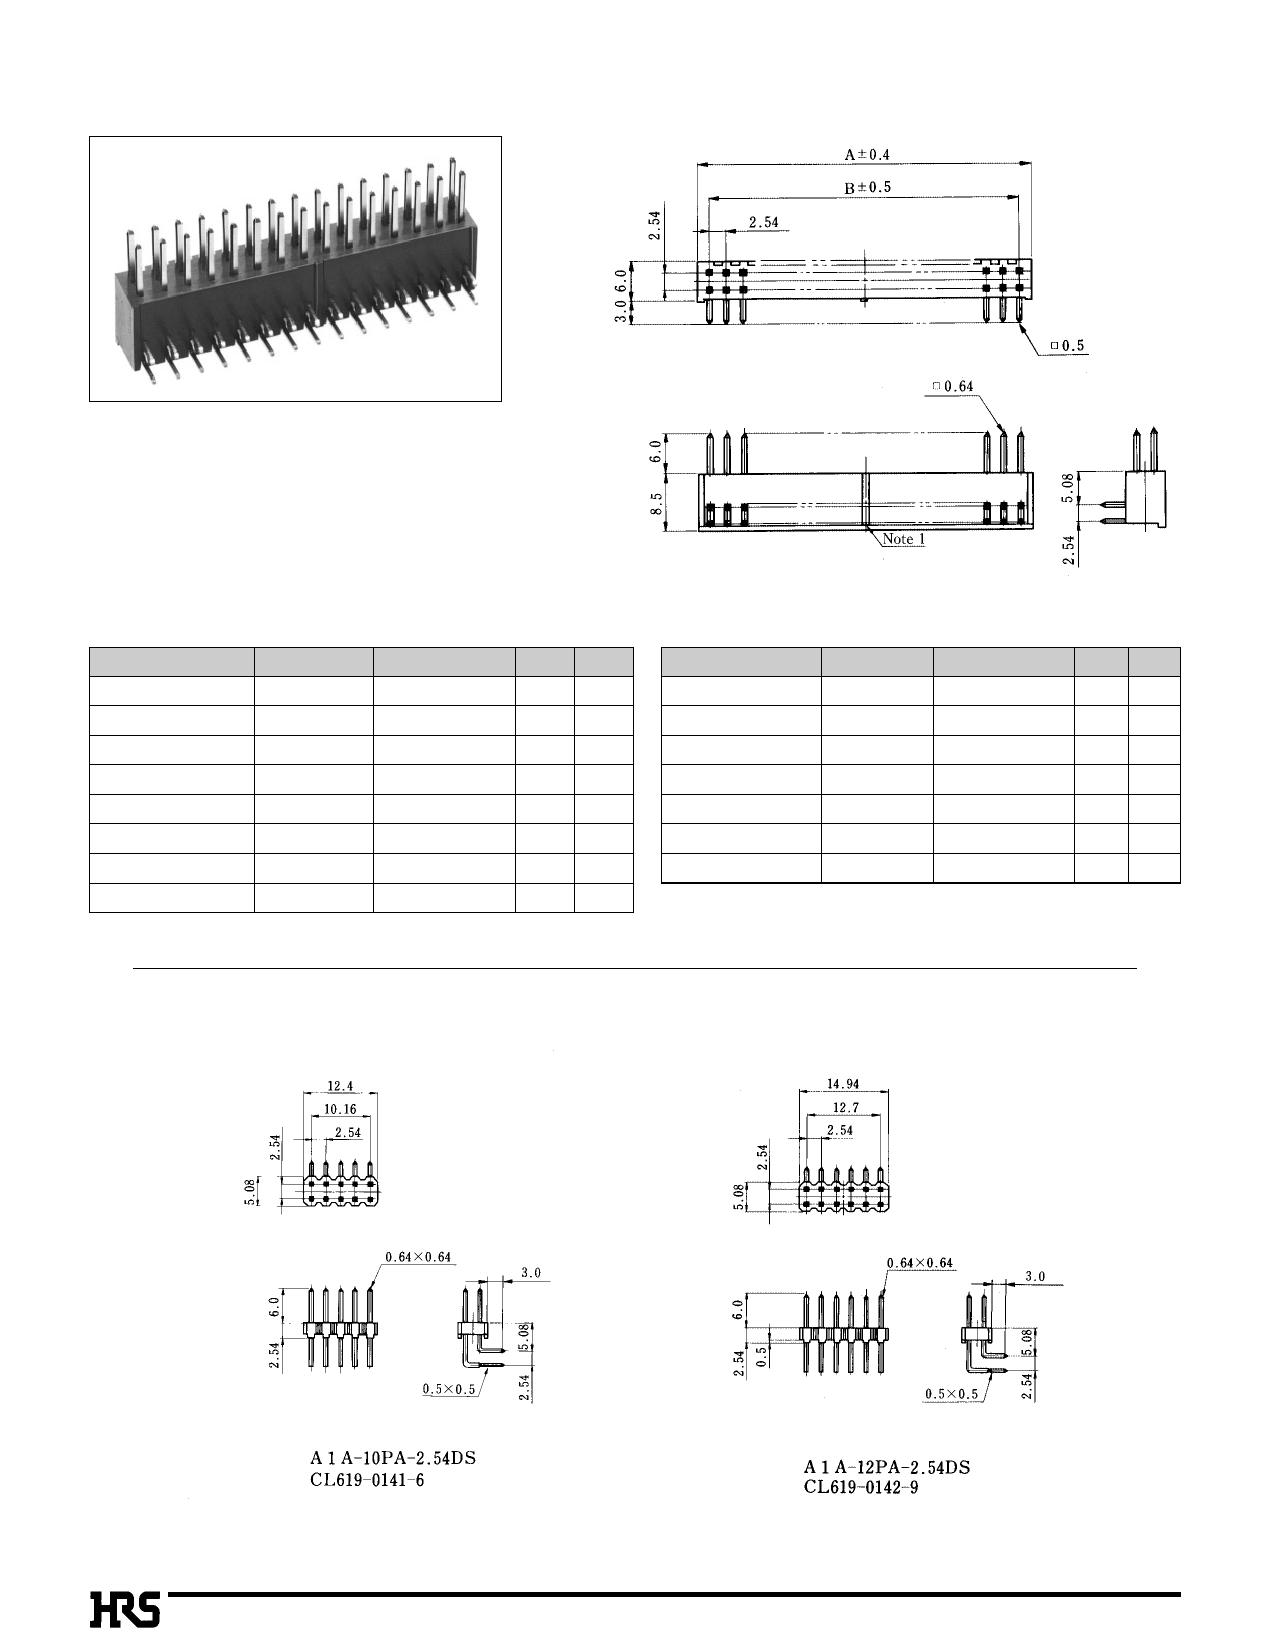 A2-11PA-2.54DSA pdf, ピン配列